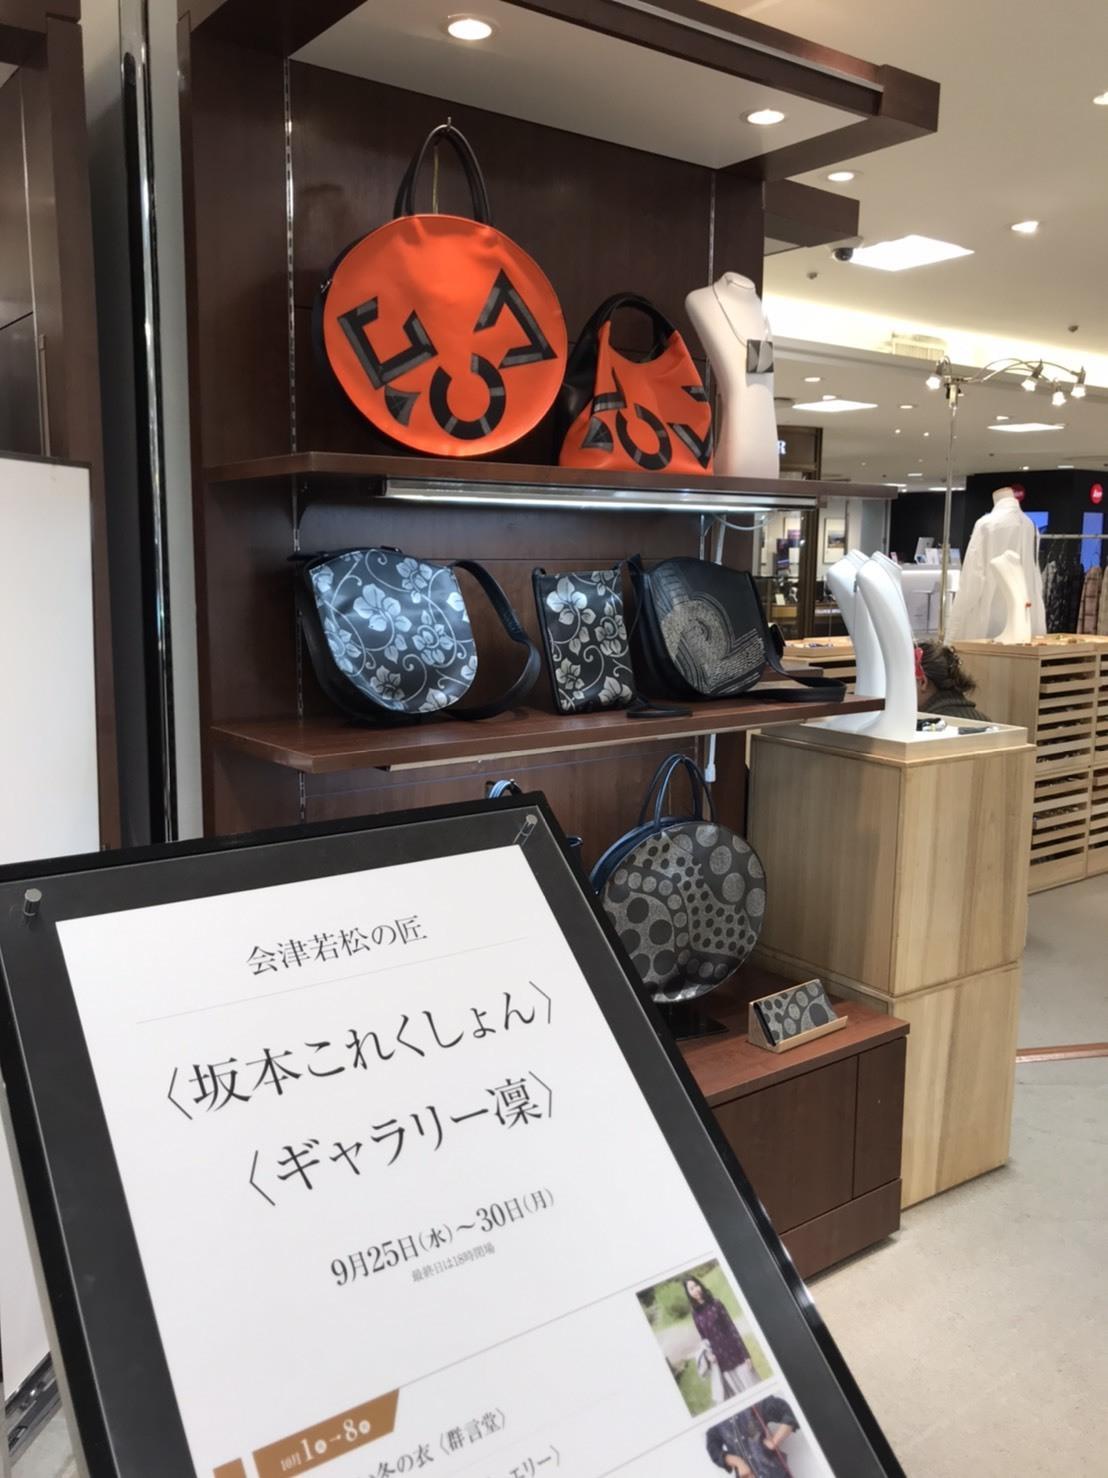 松坂屋名古屋店にて展示会、今日25日より始まりました!_c0145608_10245773.jpg